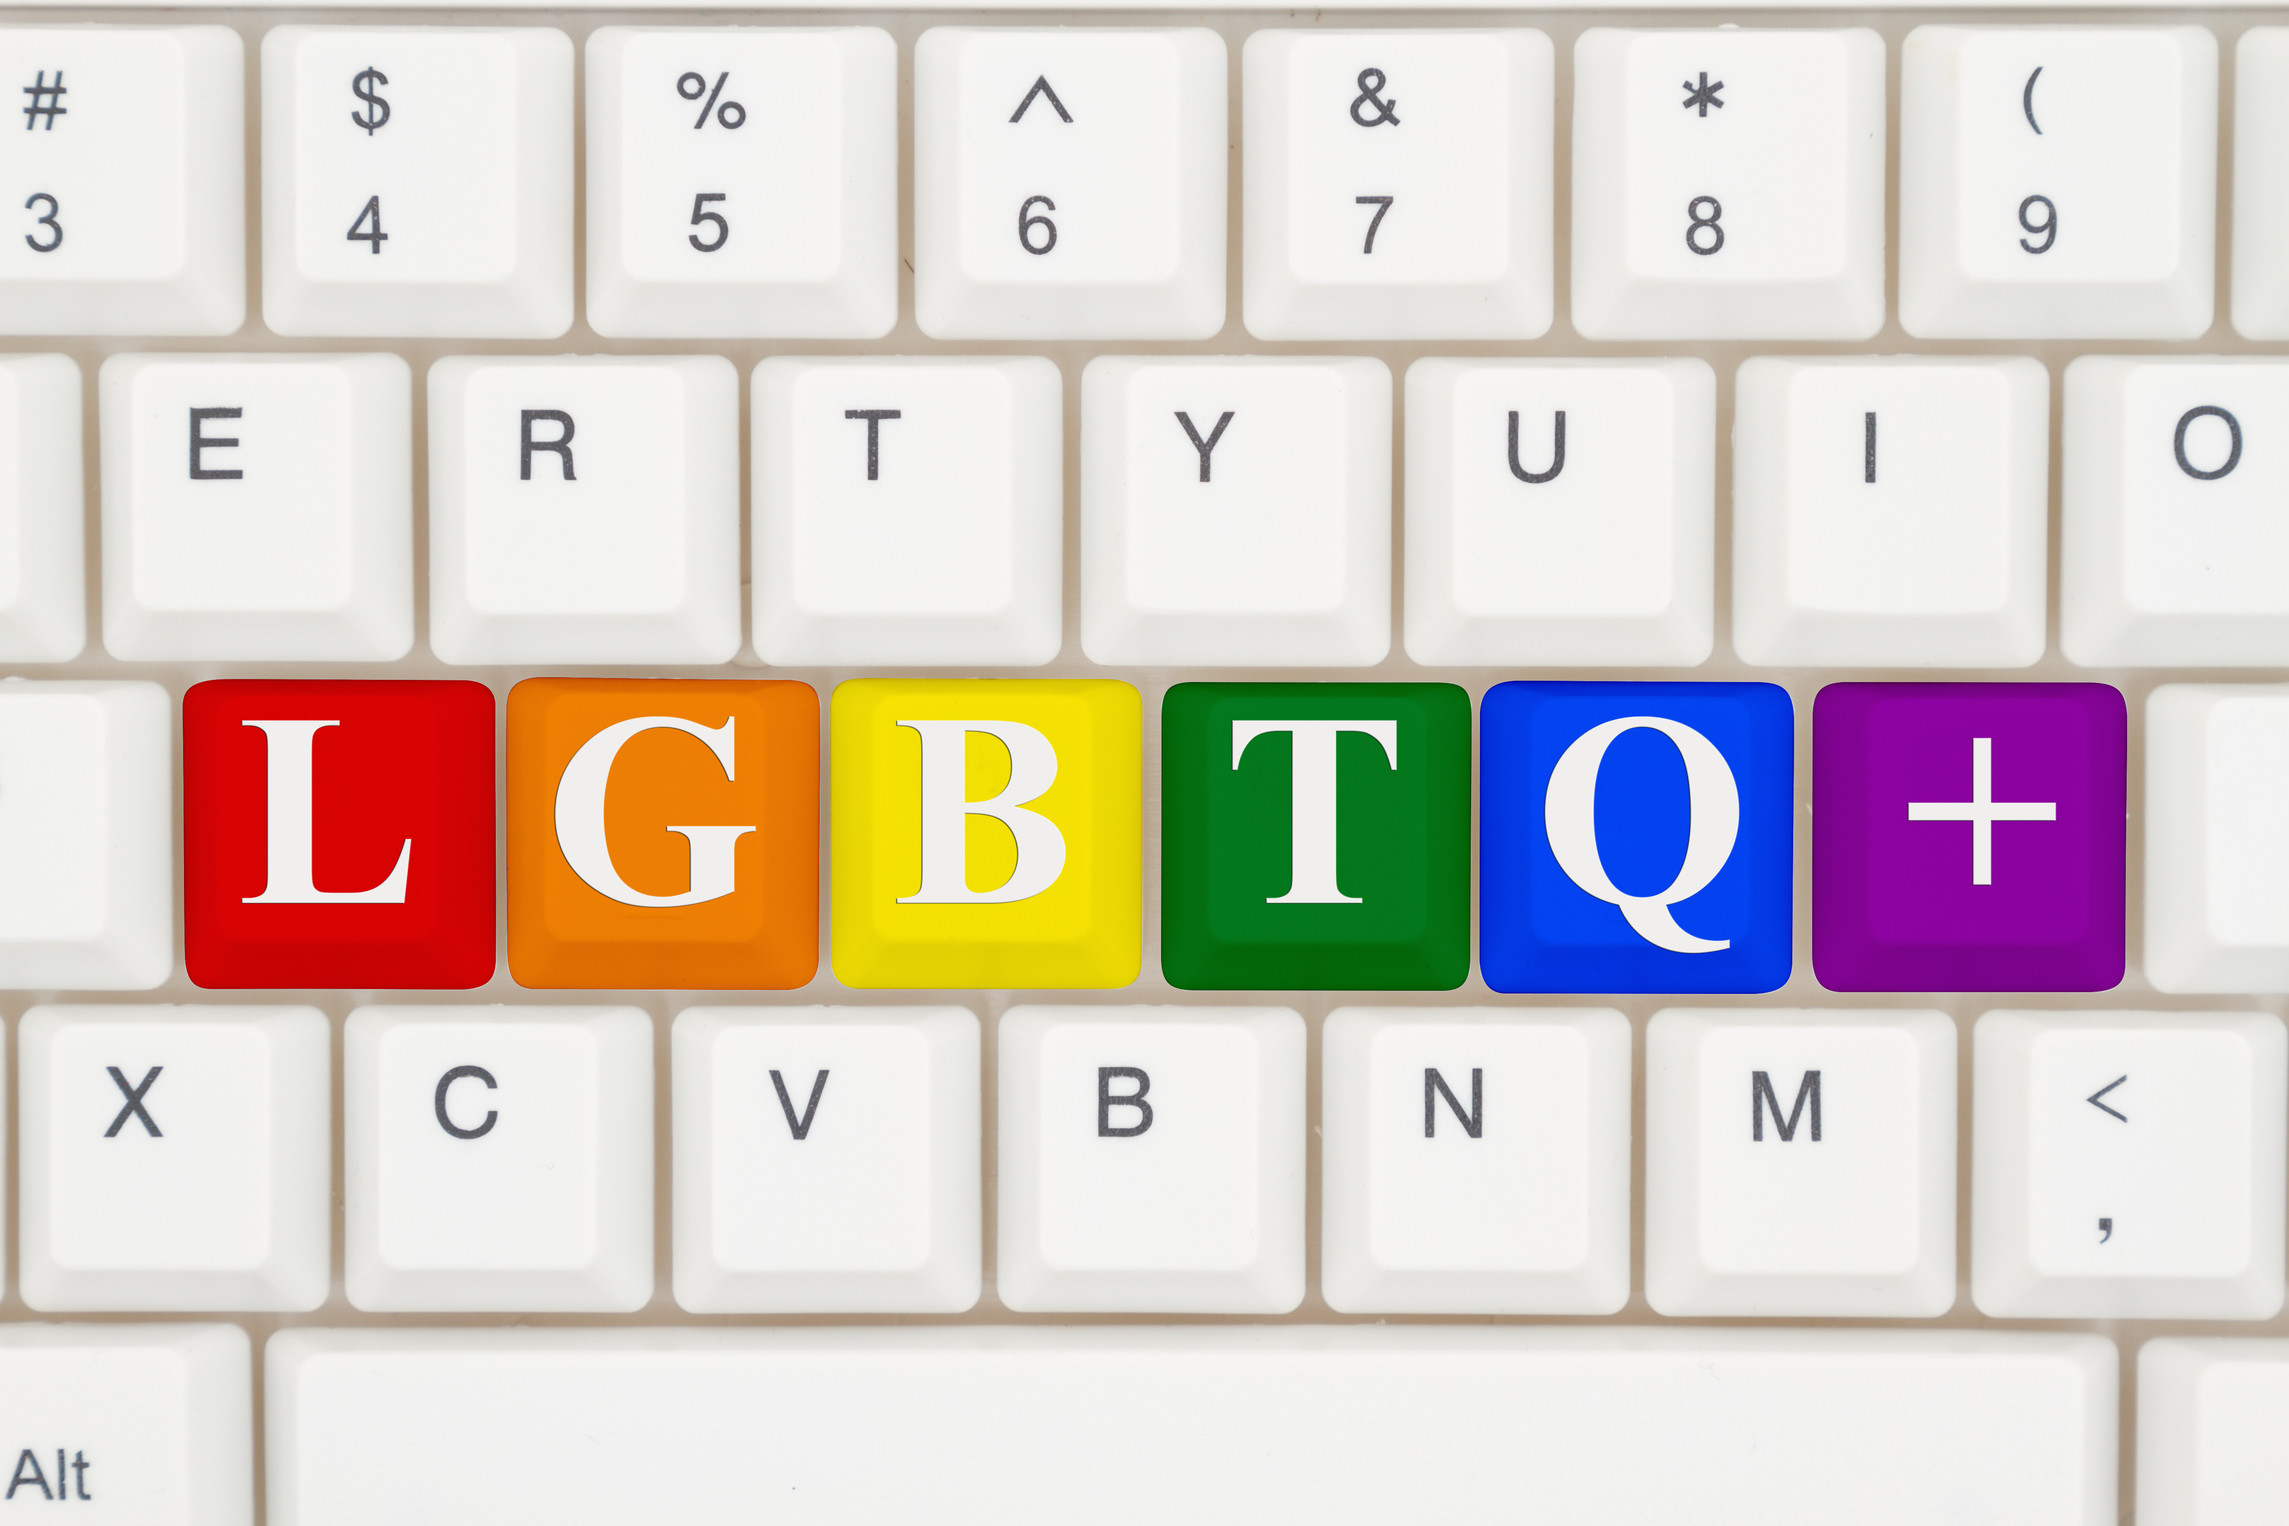 LGBTQ+ Keyboard (Original)